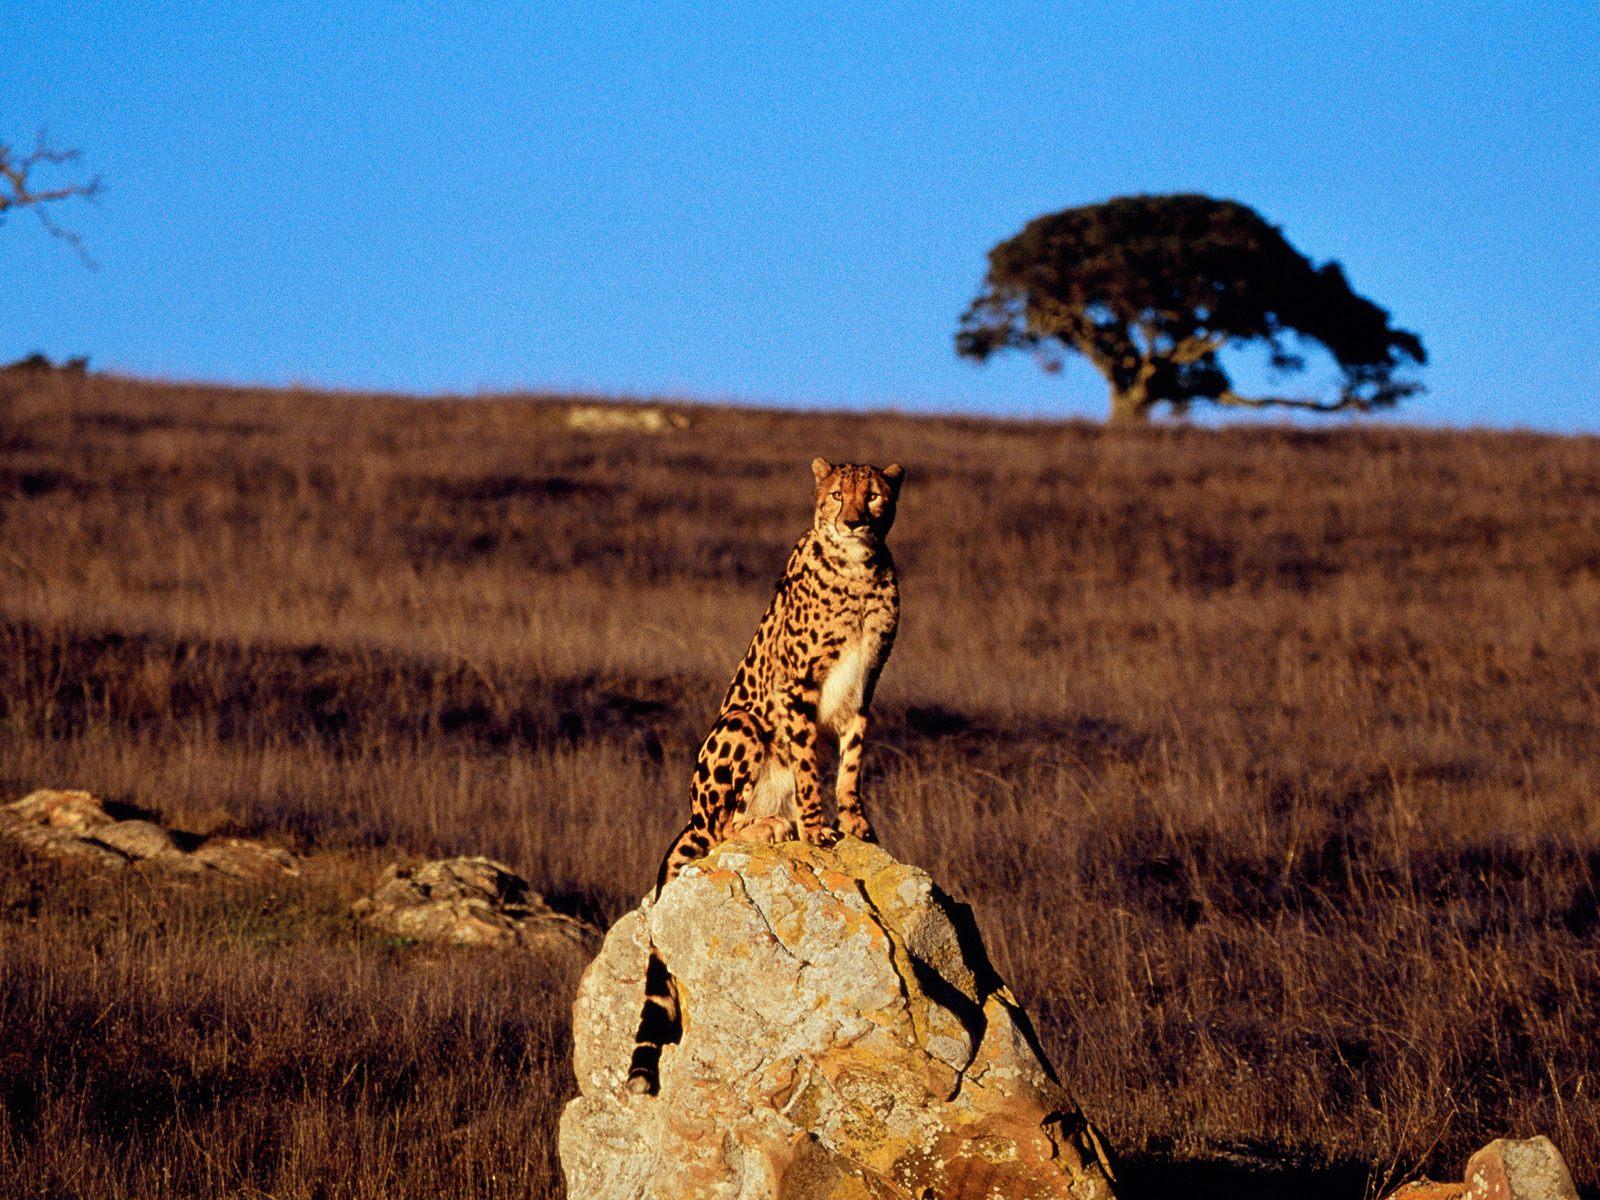 природа животные Гепарды камни трава дерево горизонт  № 276756  скачать